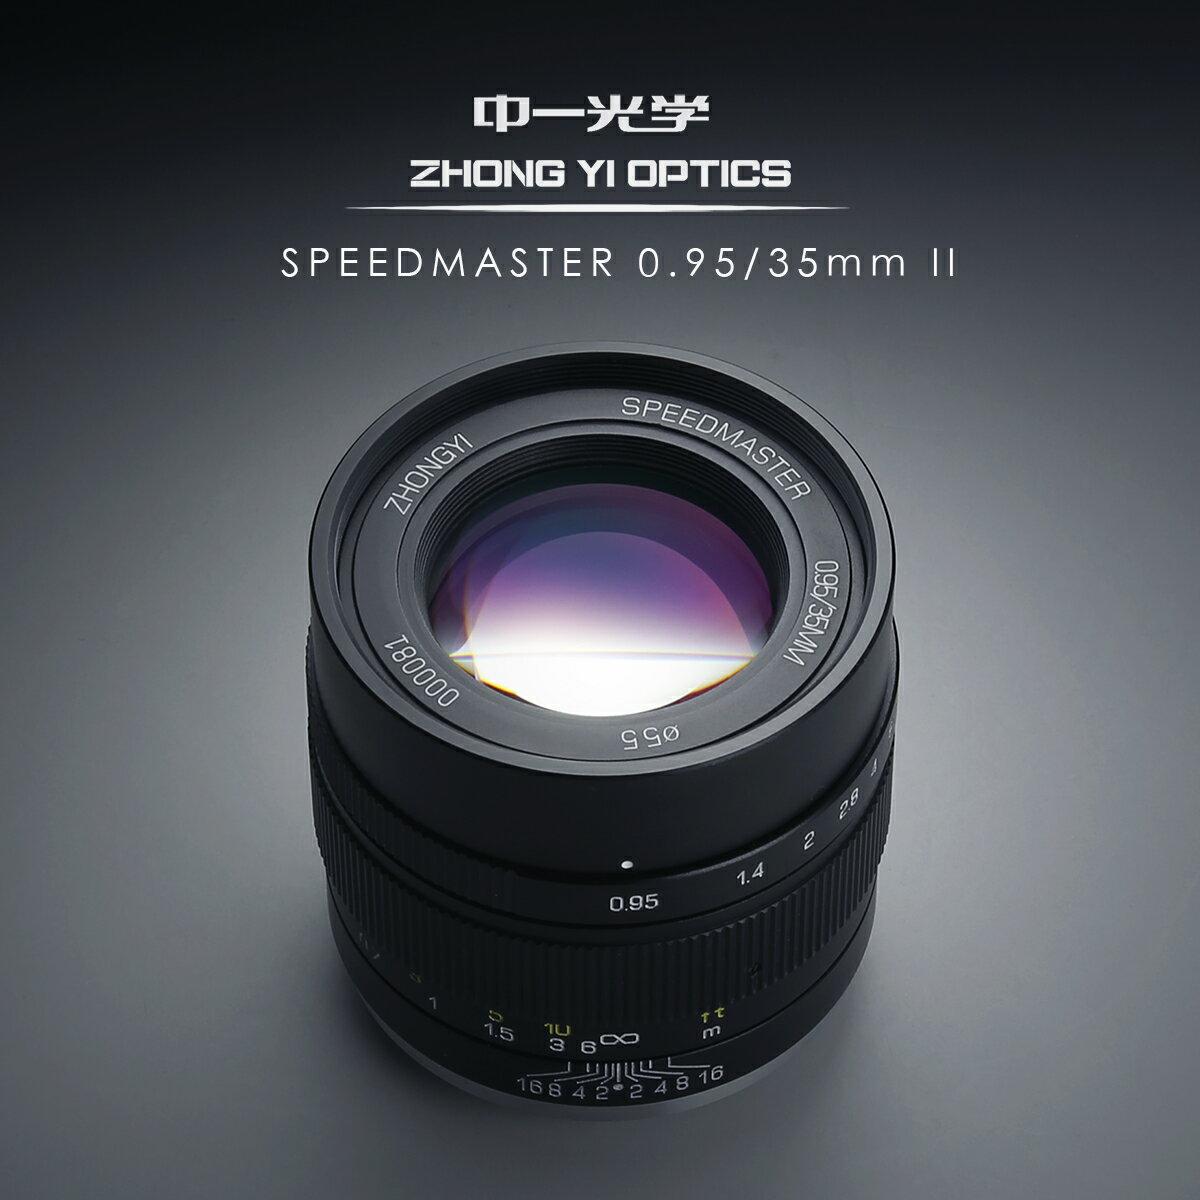 カメラ・ビデオカメラ・光学機器, カメラ用交換レンズ  ZHONG YI OPTICS SPEEDMASTER 35mm F0.95 II - X